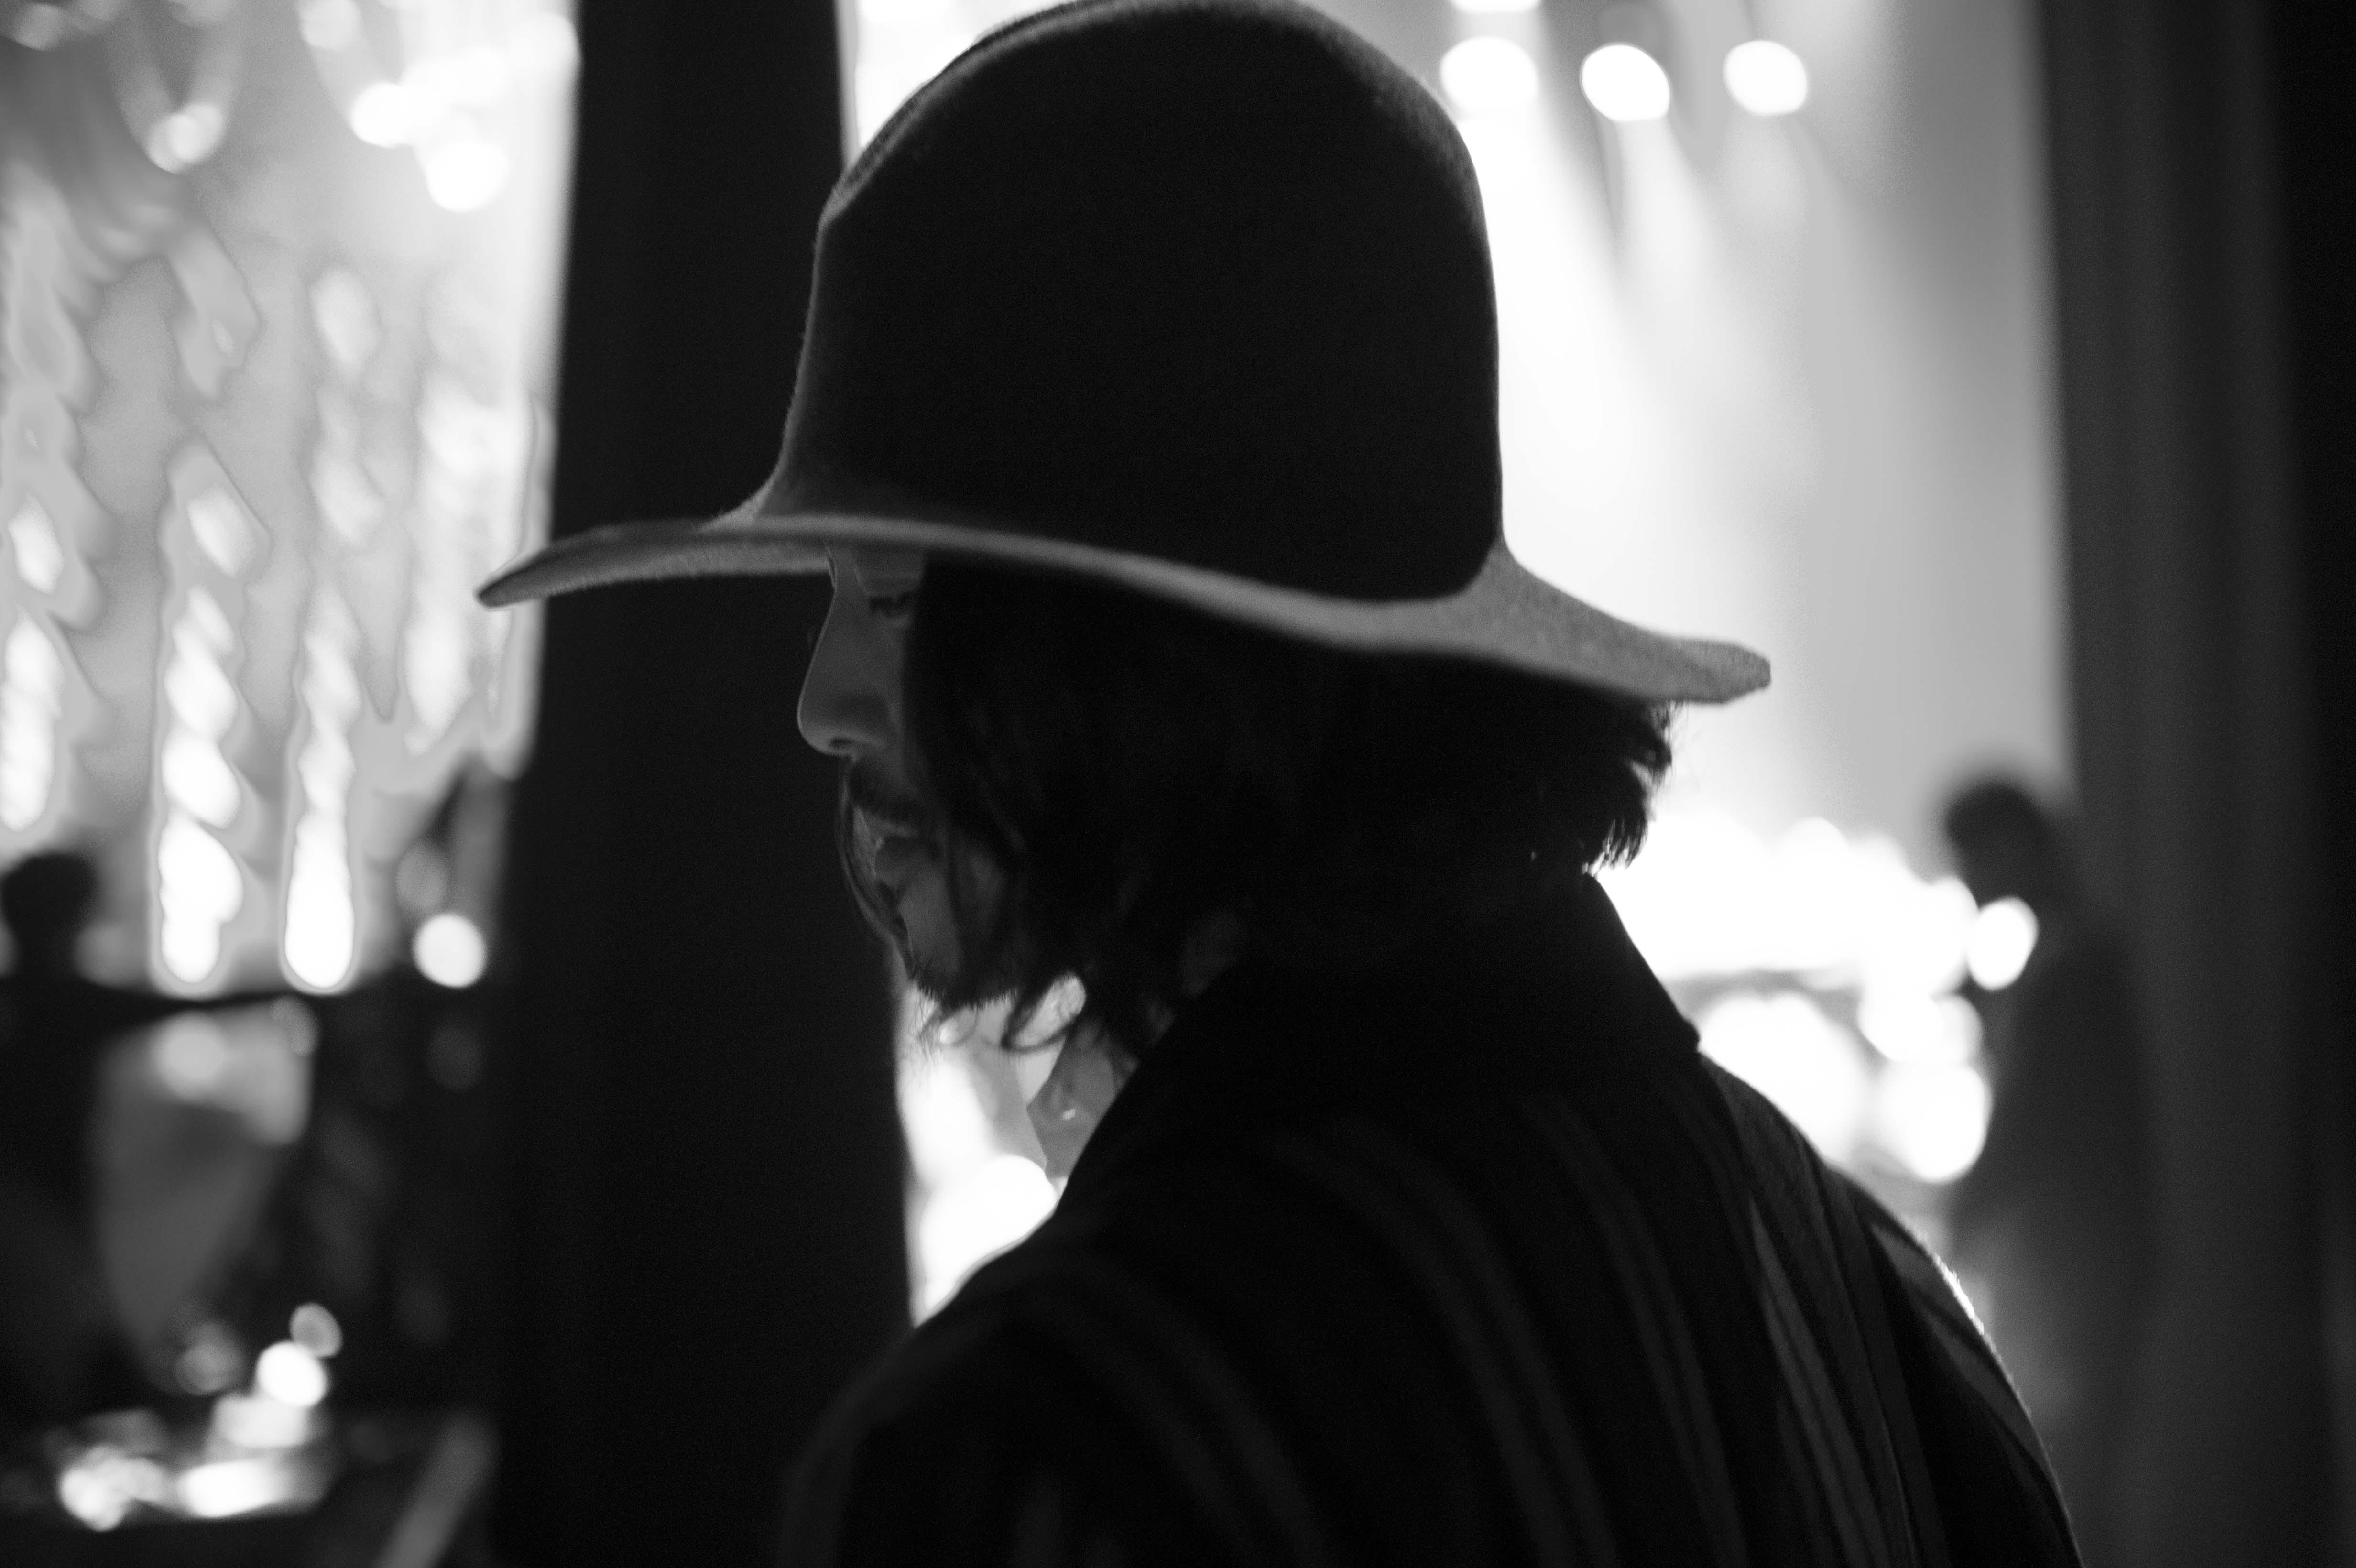 大橋トリオ、即完売の10周年記念ライブをWOWOWで生中継!来年3月より全国15会場を回るホールツアー開催!